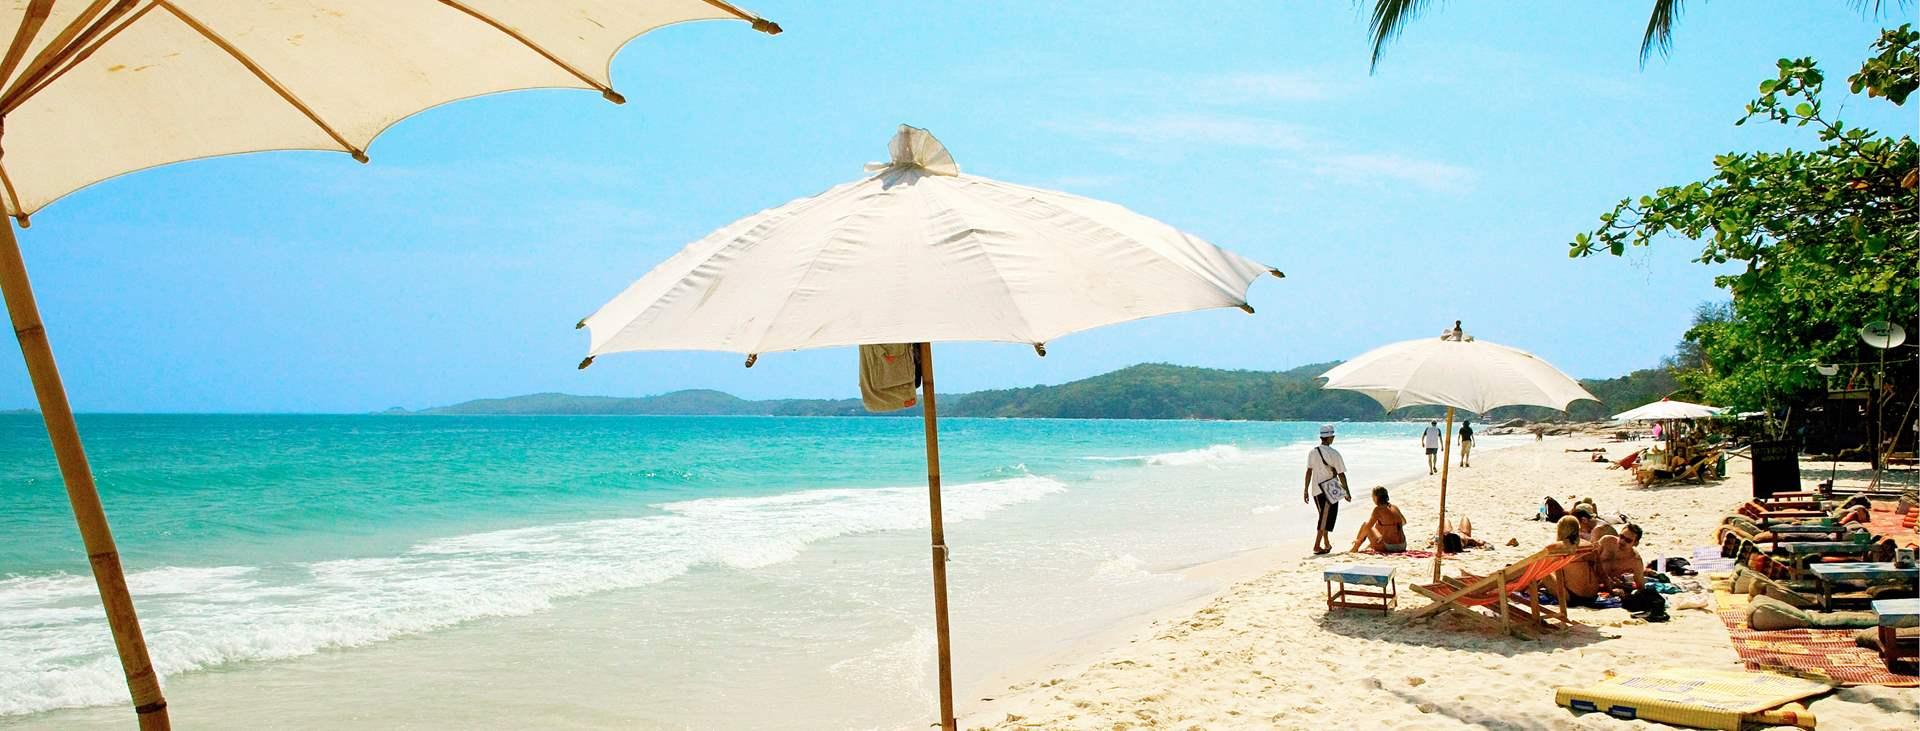 Bestill en reise med Ving til Koh Samet i Thailand